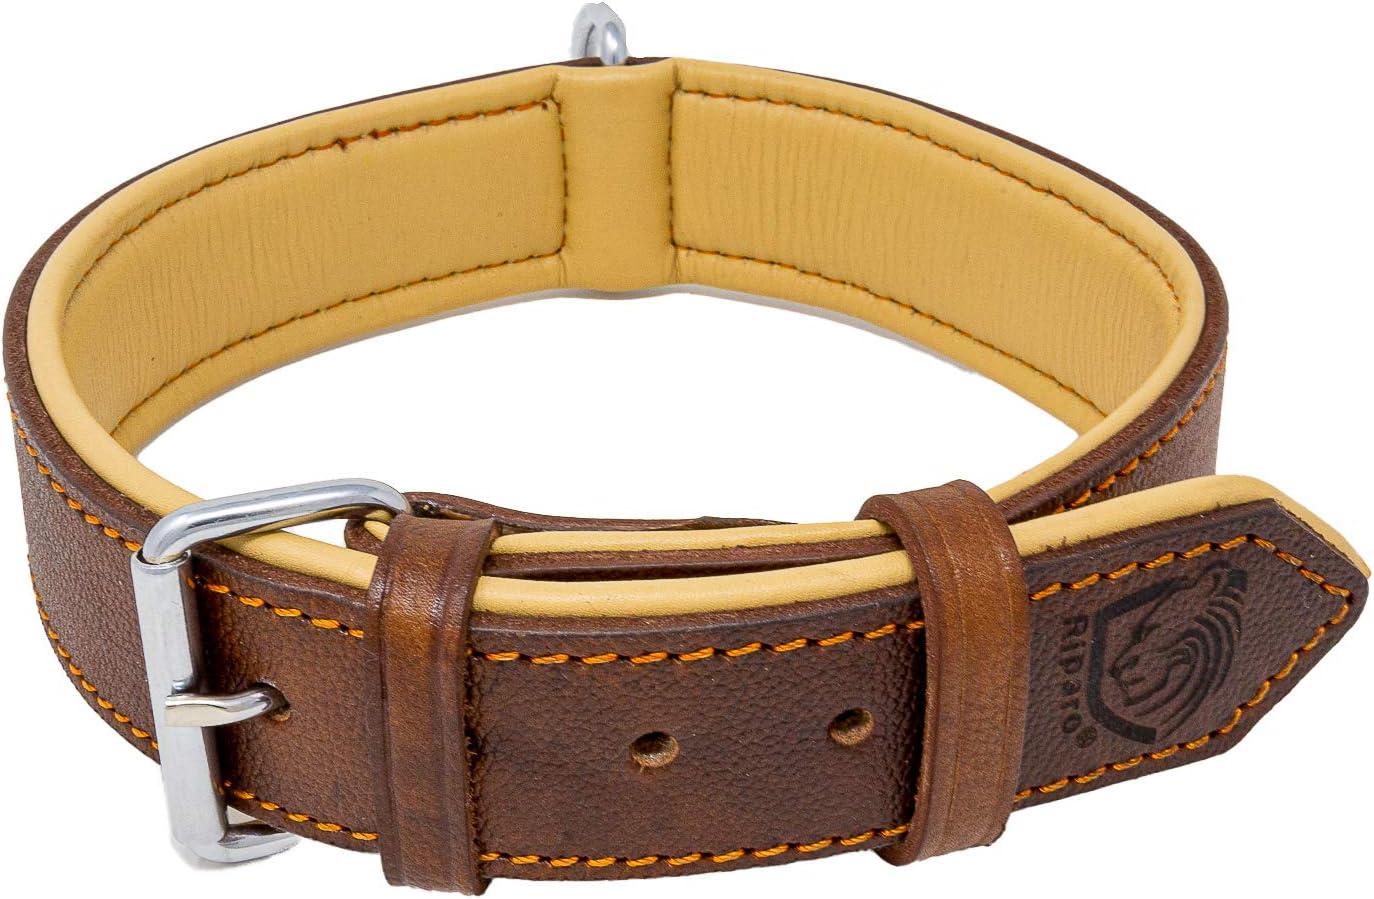 Riparo Collar de perro acolchado de cuero genuino Collar de mascota ajustable K-9 fuerte (XL: 4,5cm de ancho para cuello de 55,9cm - 63,5cm, Marrón)